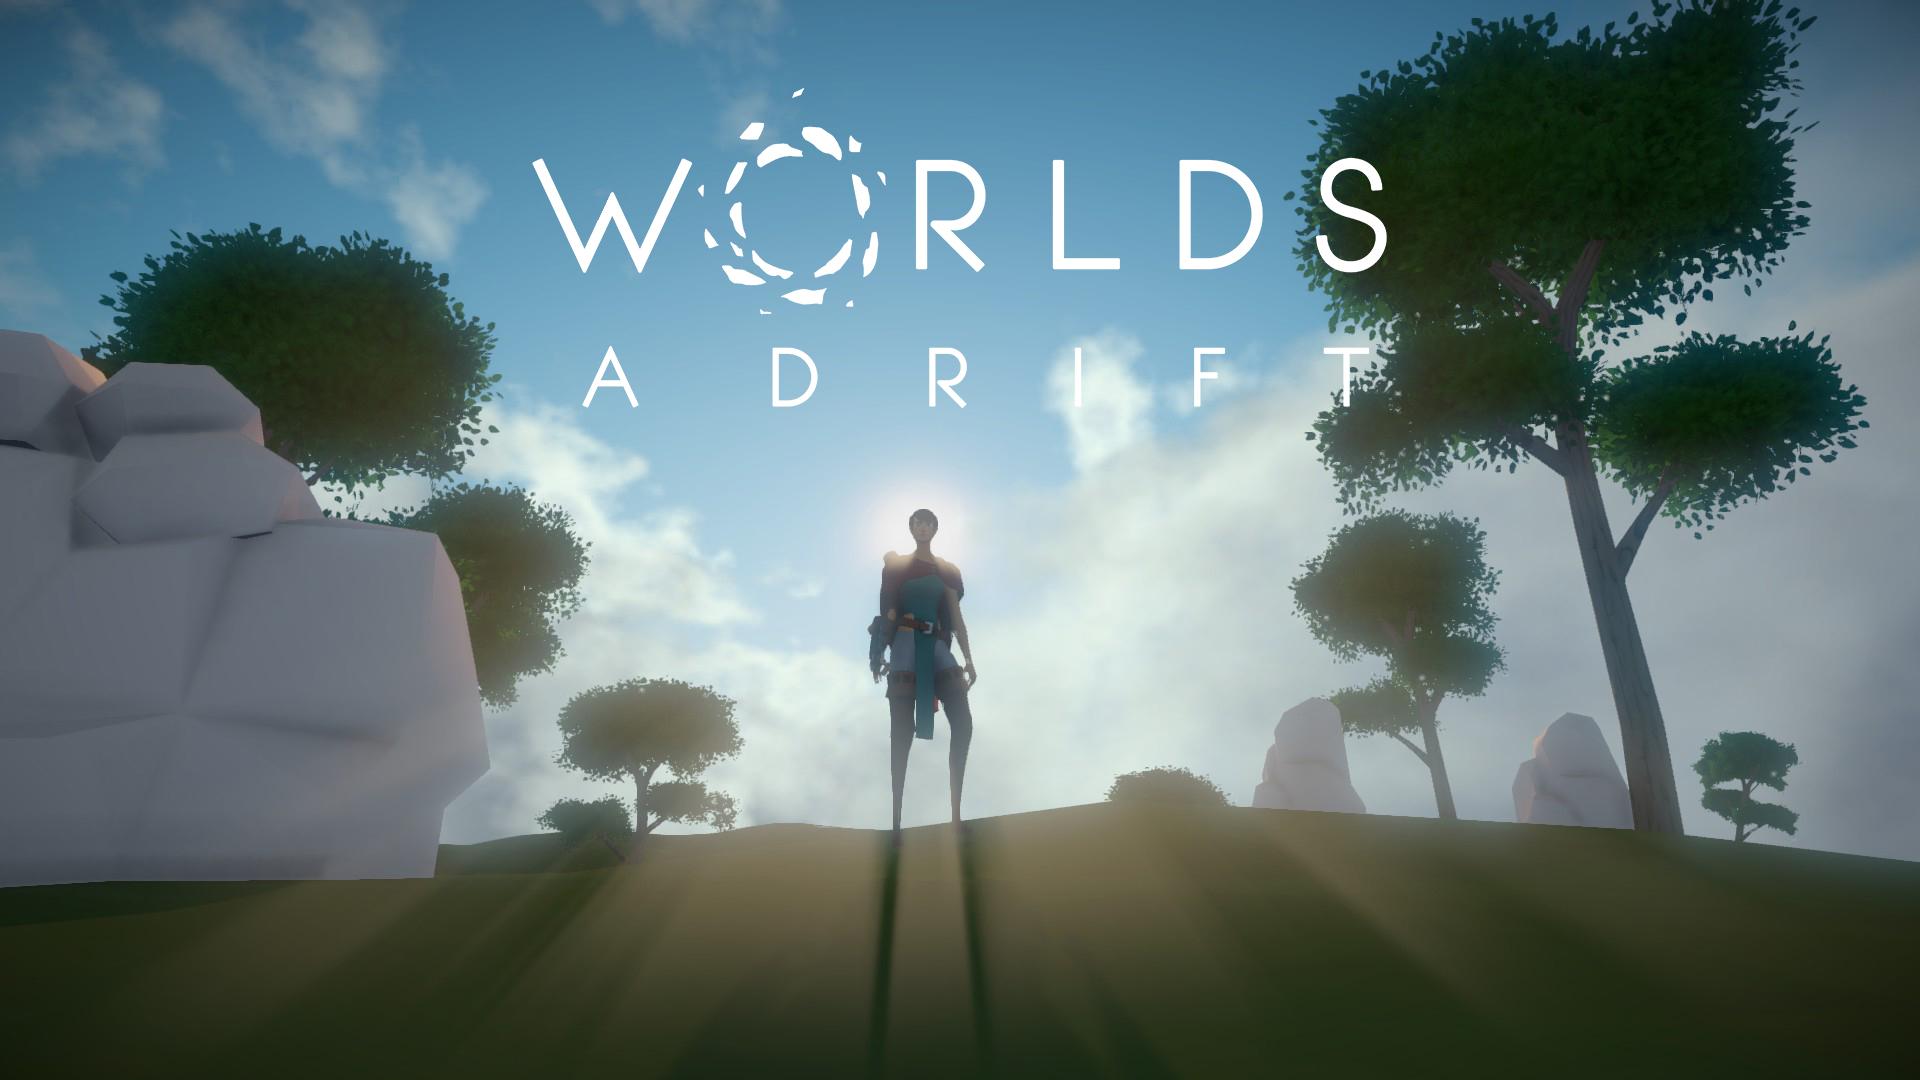 worlds-adrift-random-pn